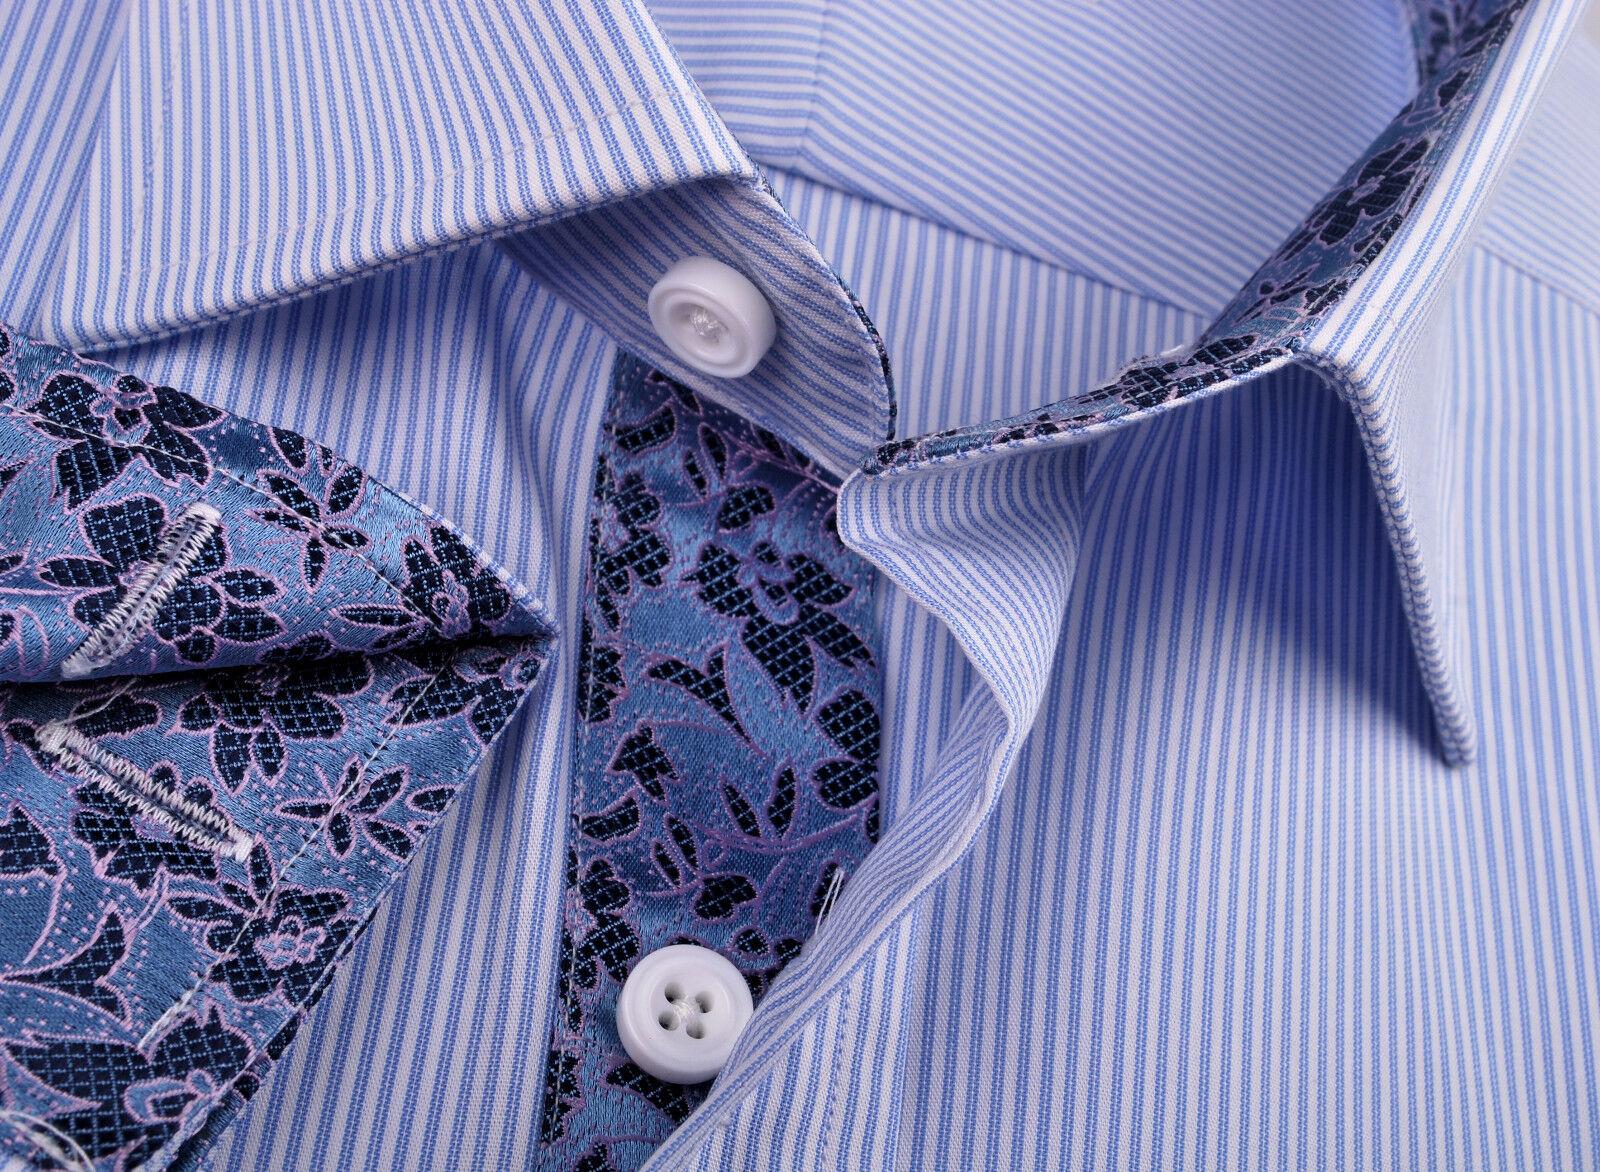 Herren Blau Formal Geschäft Dress Shirt Striped Egyptian Cotton Sexy Hawaii Floral